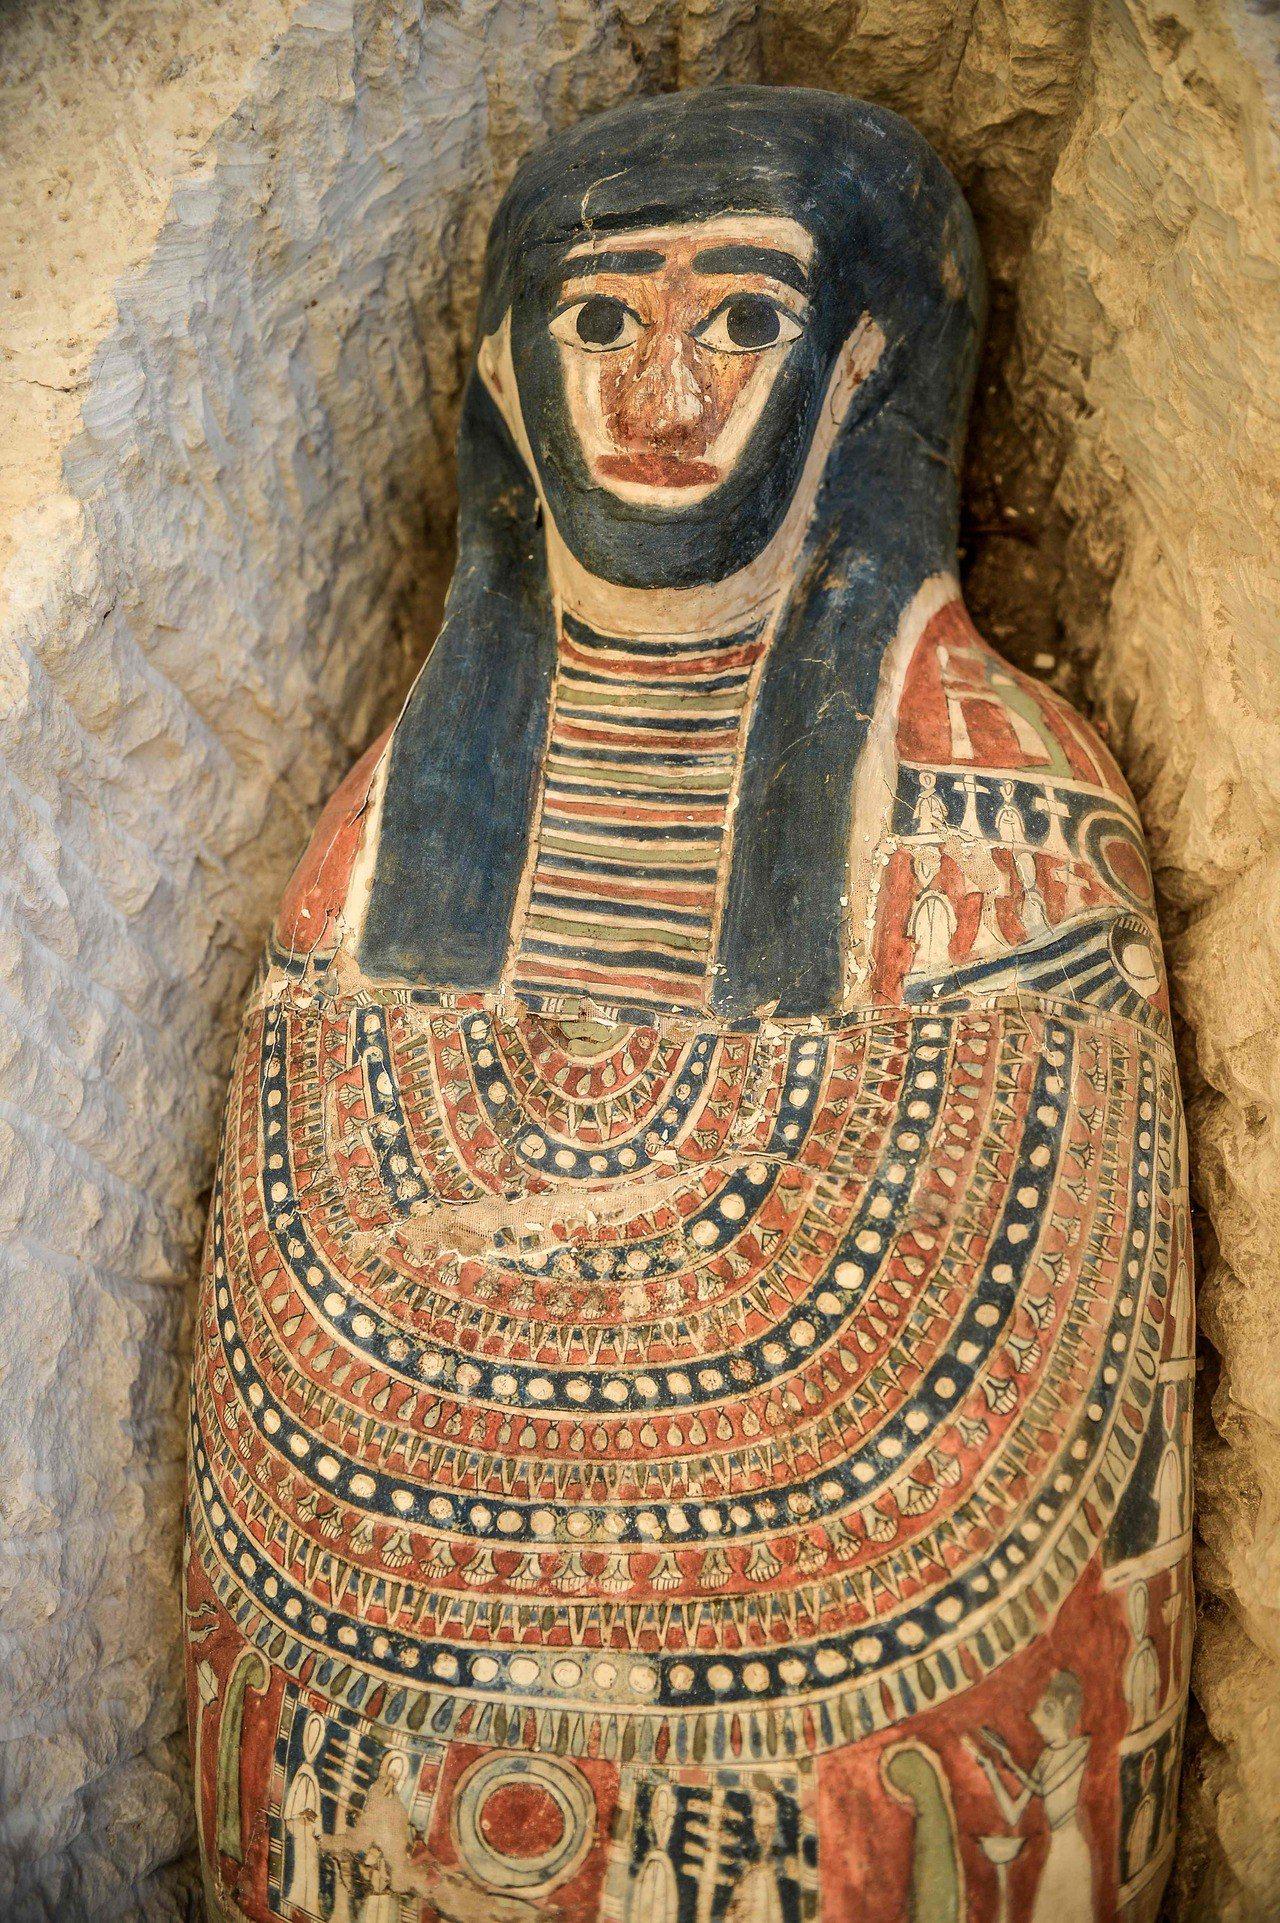 埃及今起開放最古老金字塔其中兩座,曲折(Bent)金字塔及其周邊金字塔,這是自1...